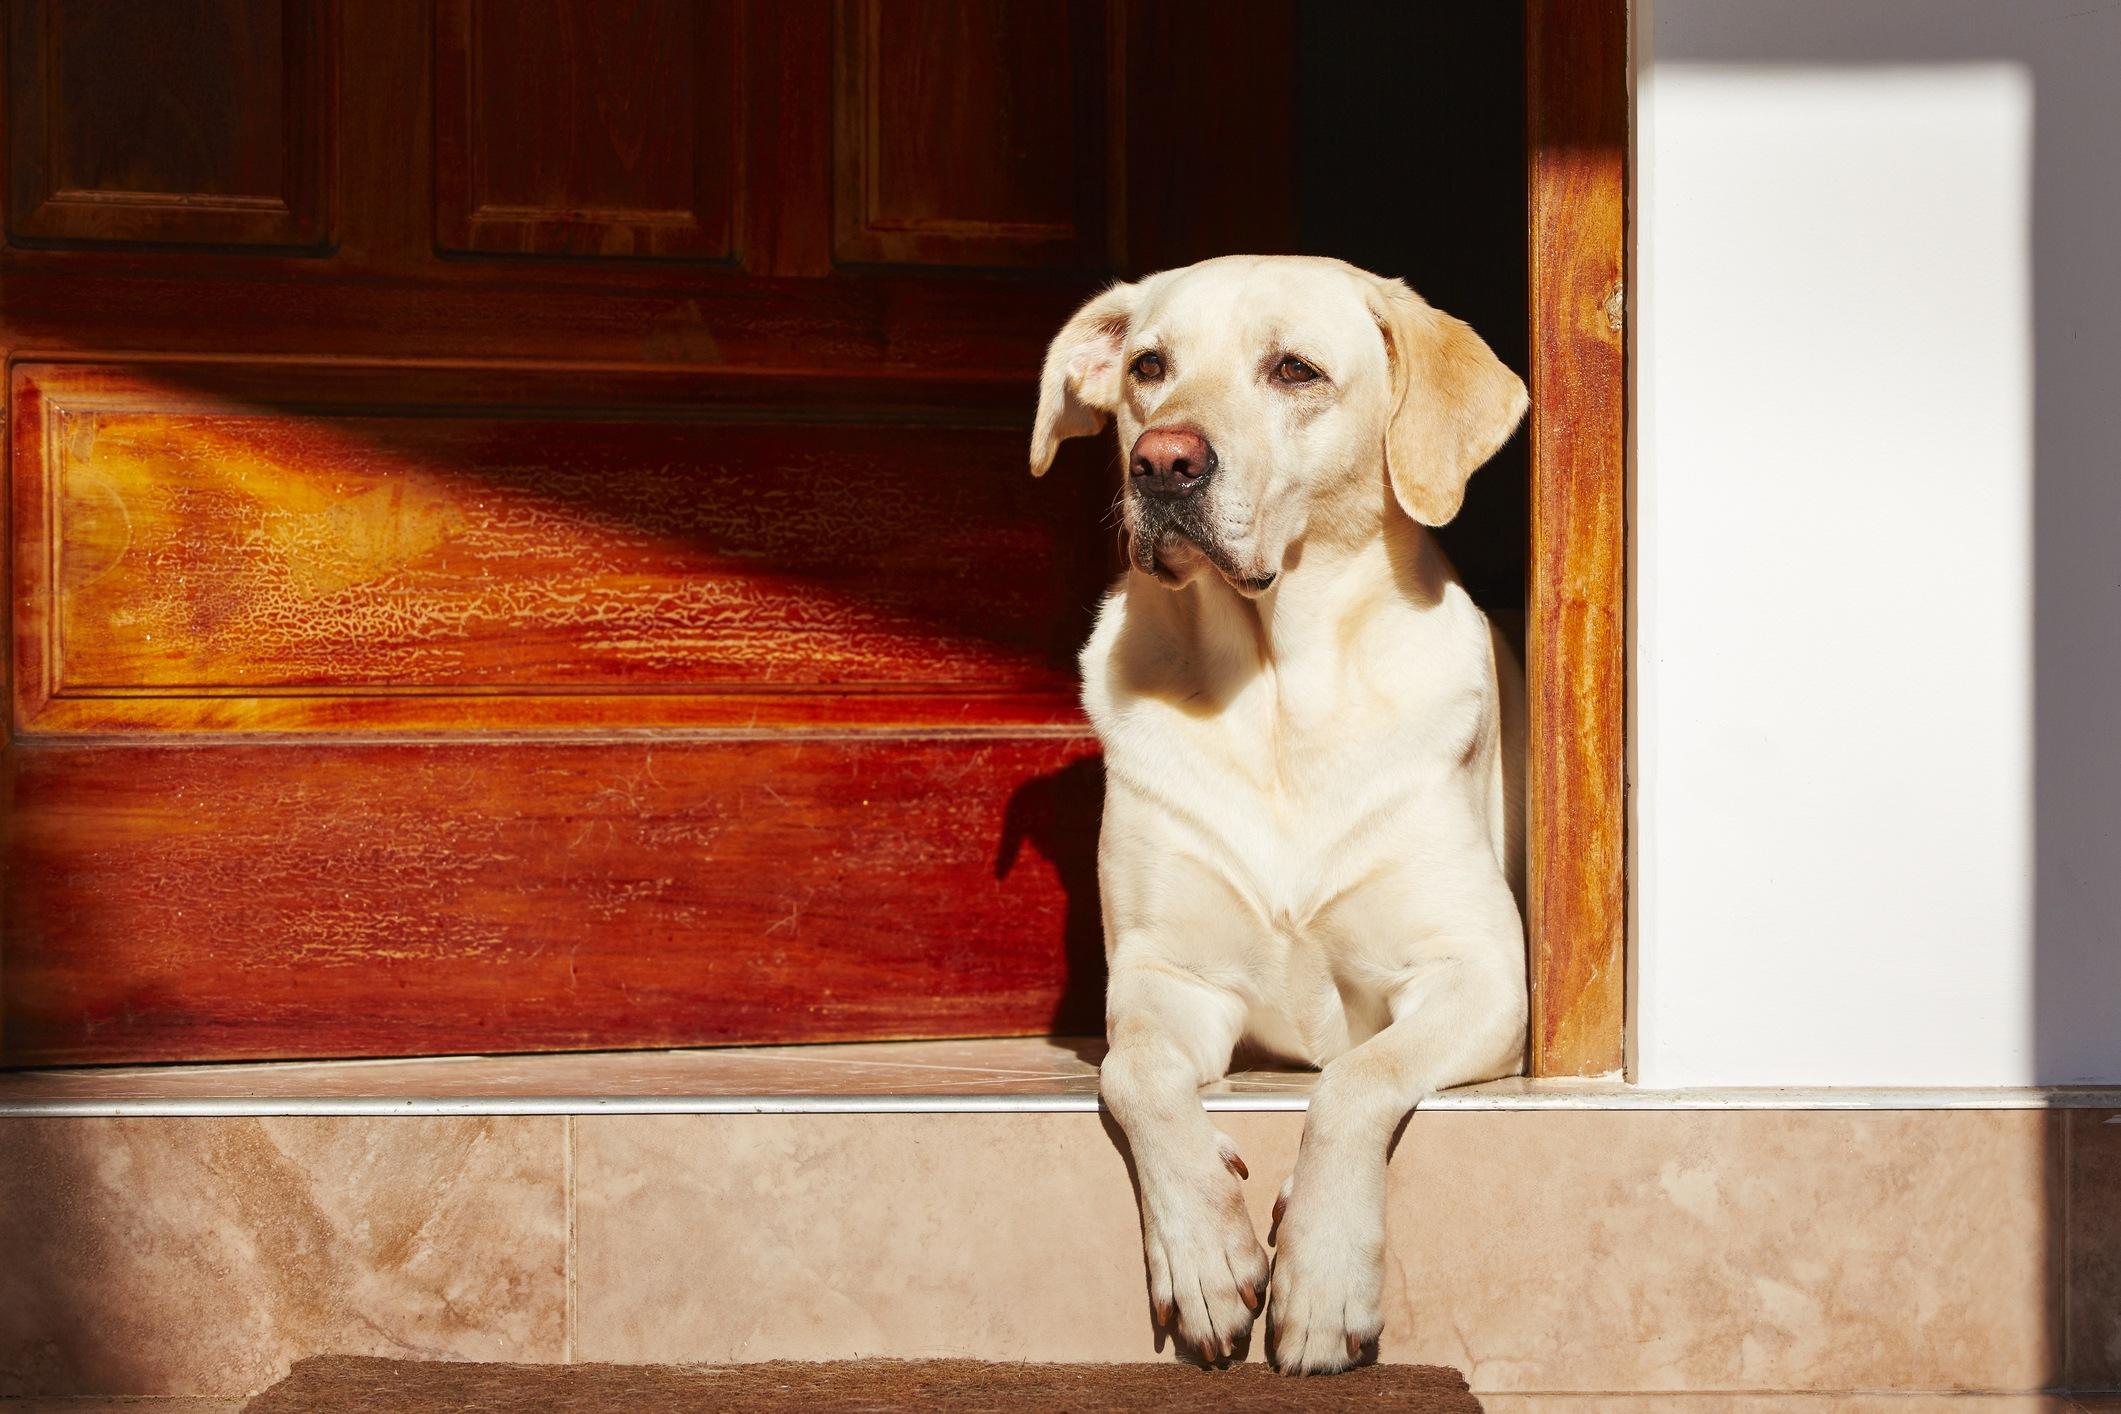 Dog opens door